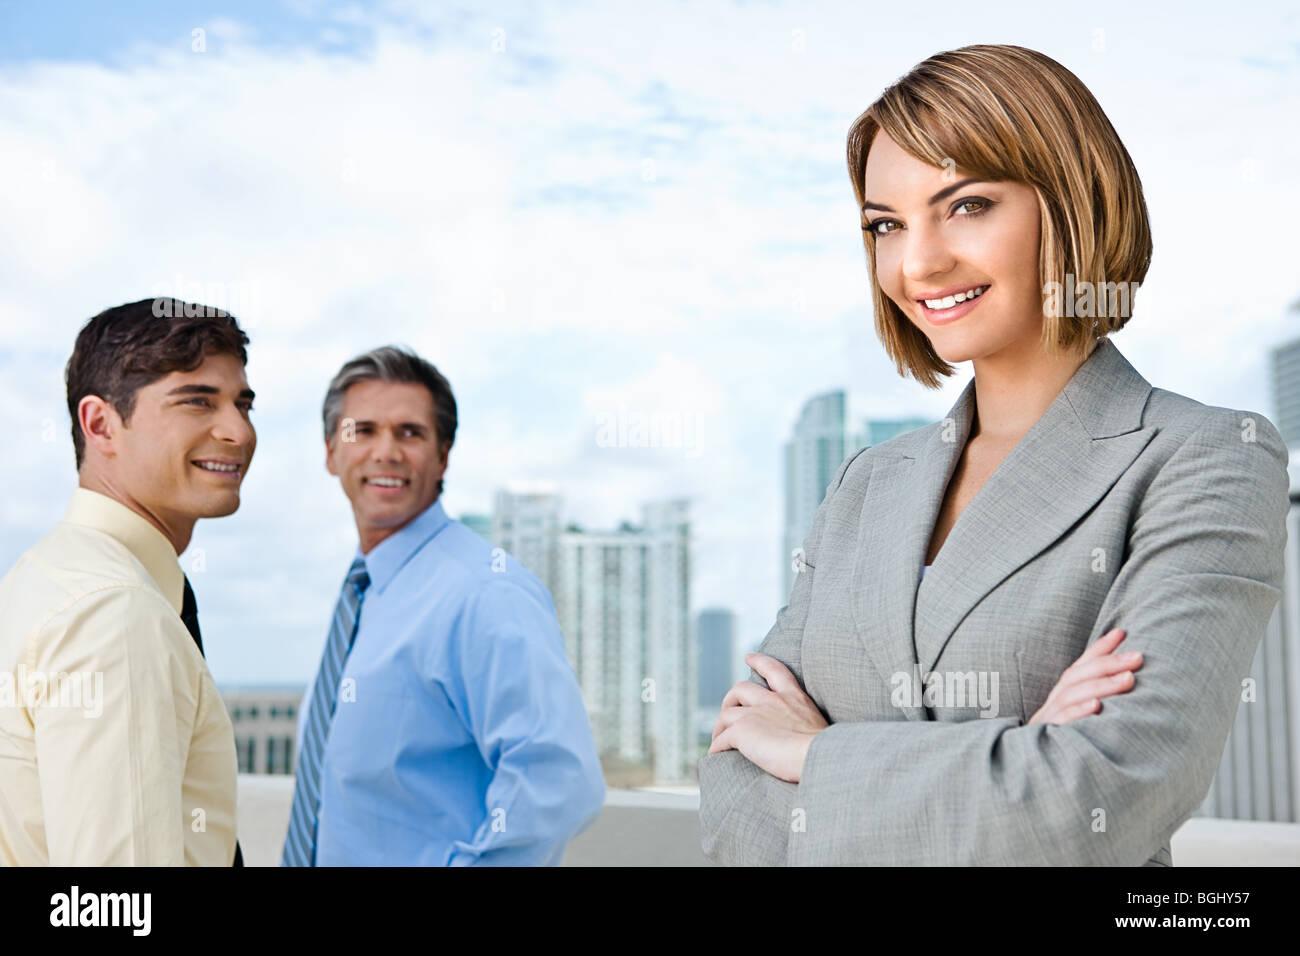 Geschäftsfrau und ihre beiden männlichen Untergebenen. Stockbild